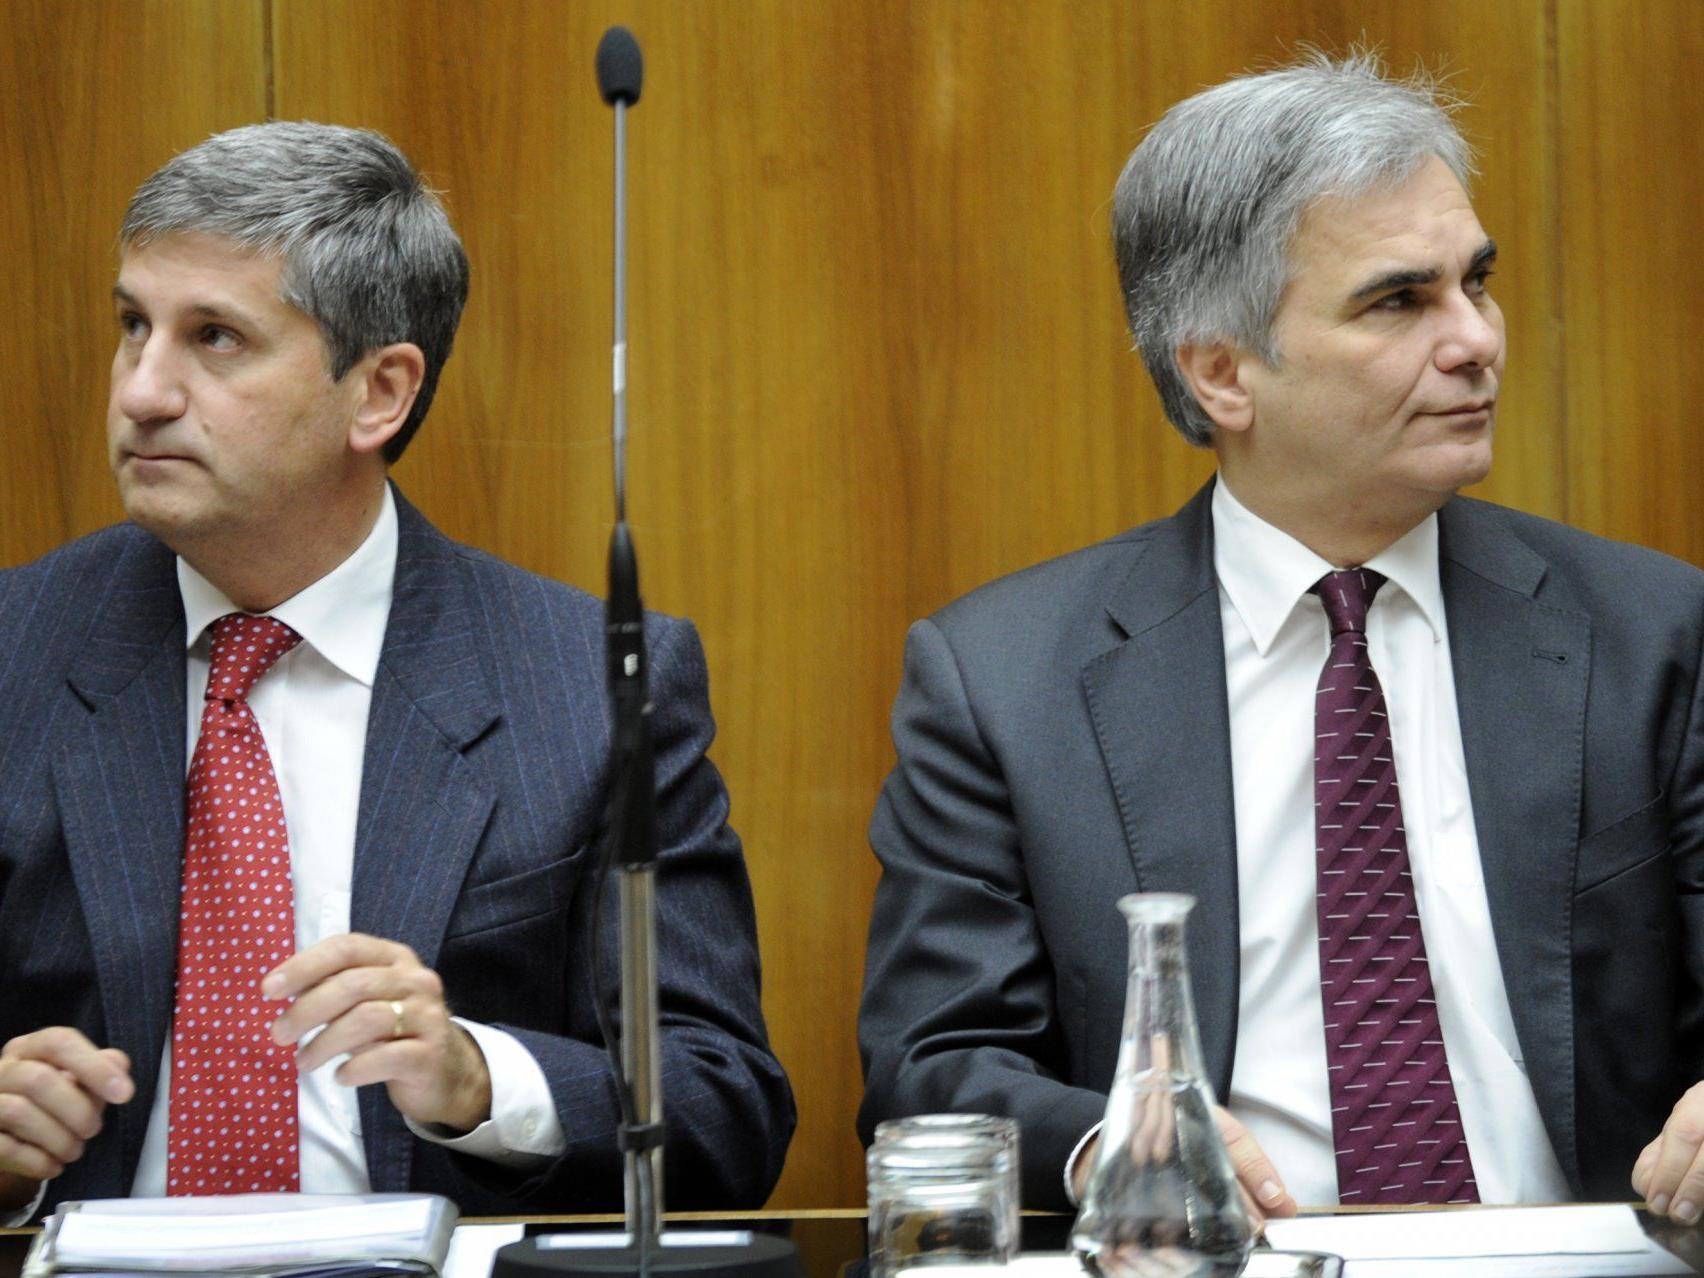 Konkrete Informationen über das Sparpaket gibt es vielleicht beim Ministerrat am Dienstag.